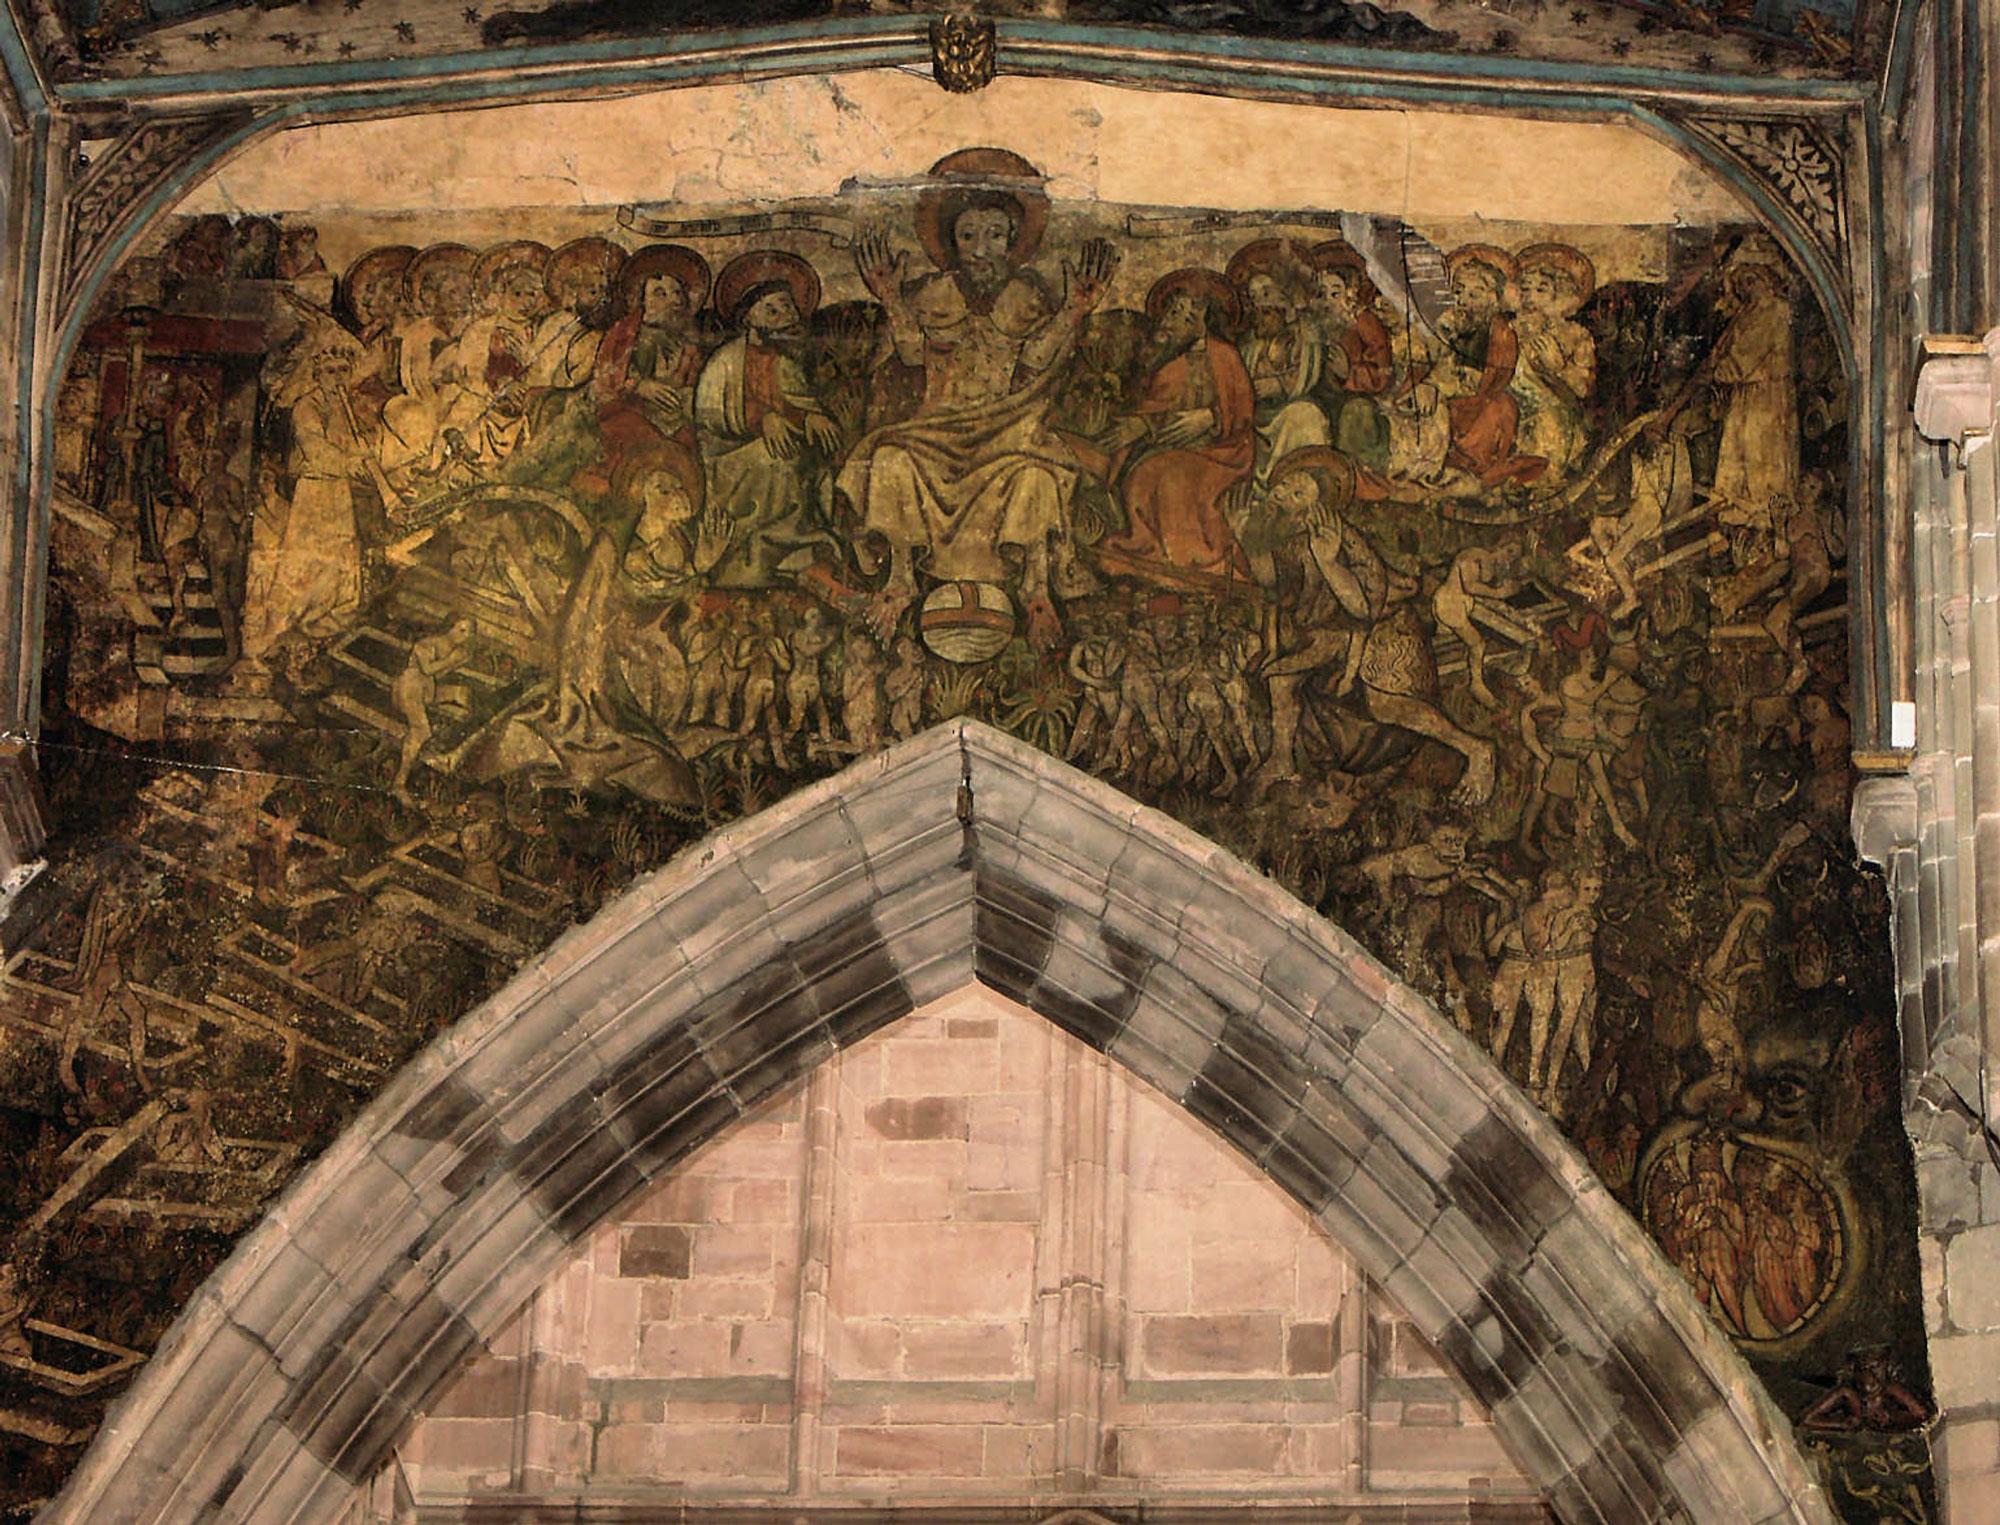 La danza de las máscaras: una tragedia medieval